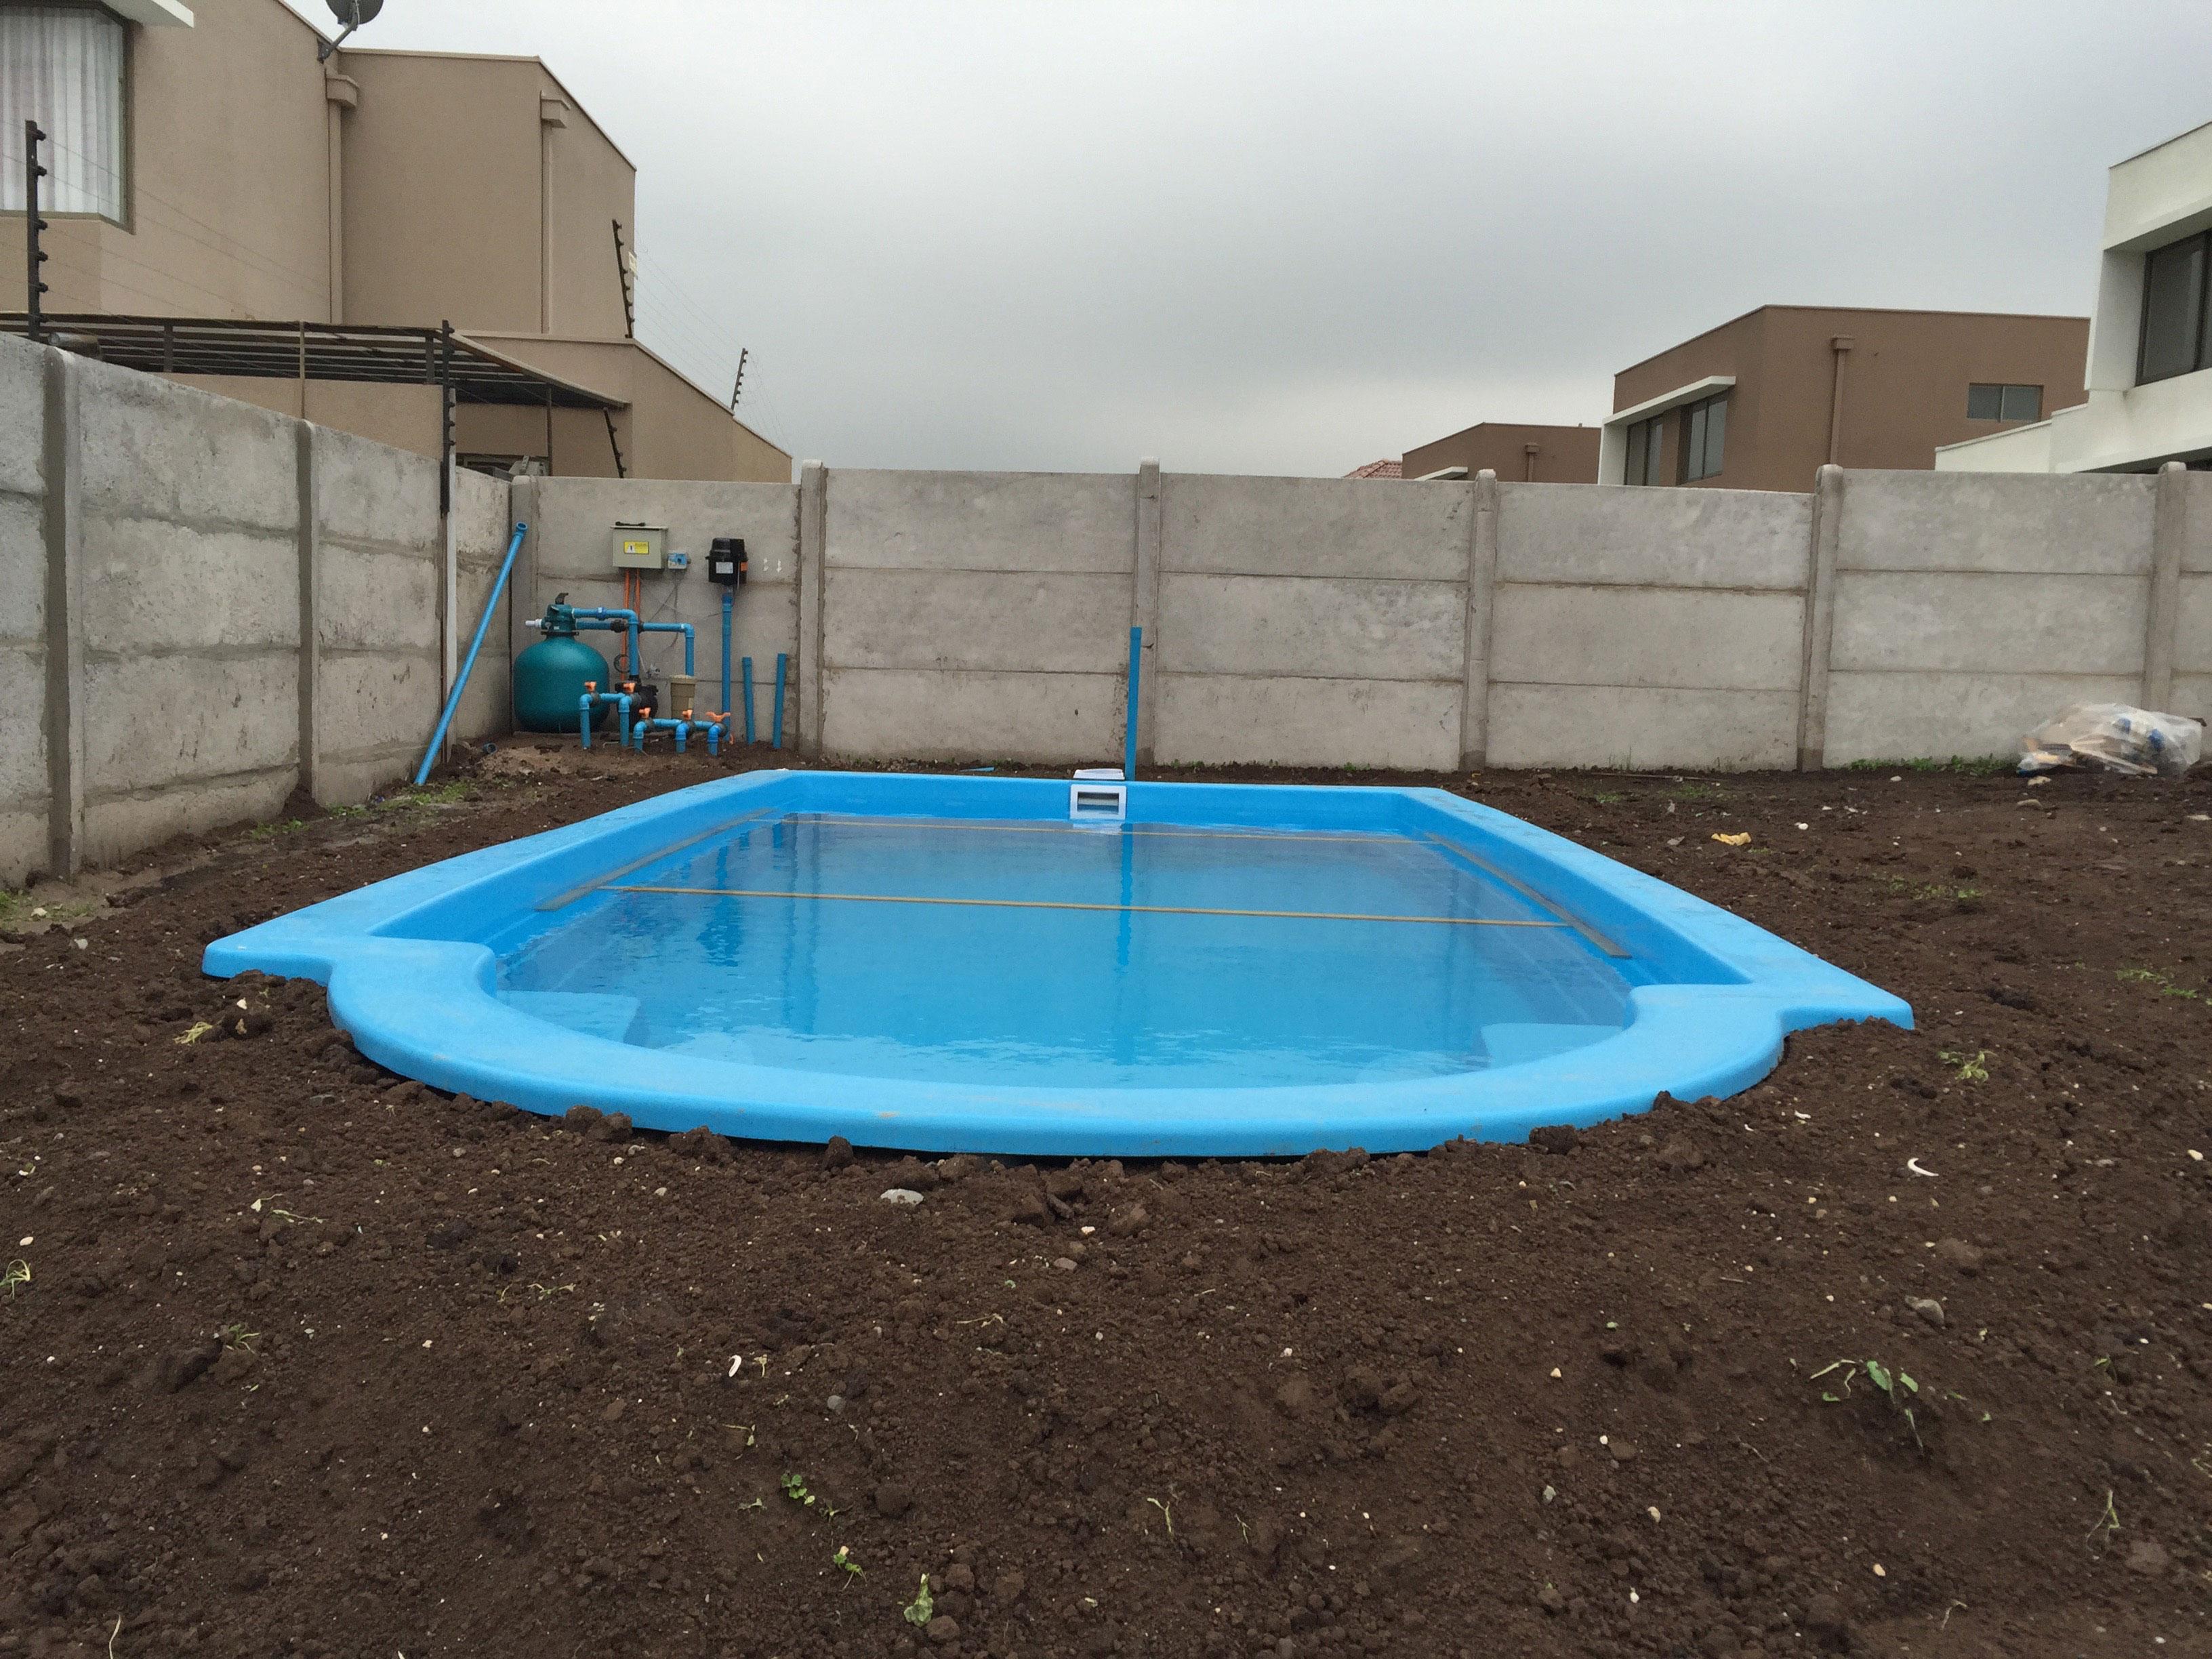 Piscinas de fibra de vidrio mejores precios instalacion y for Instalacion de piscinas de fibra de vidrio precios